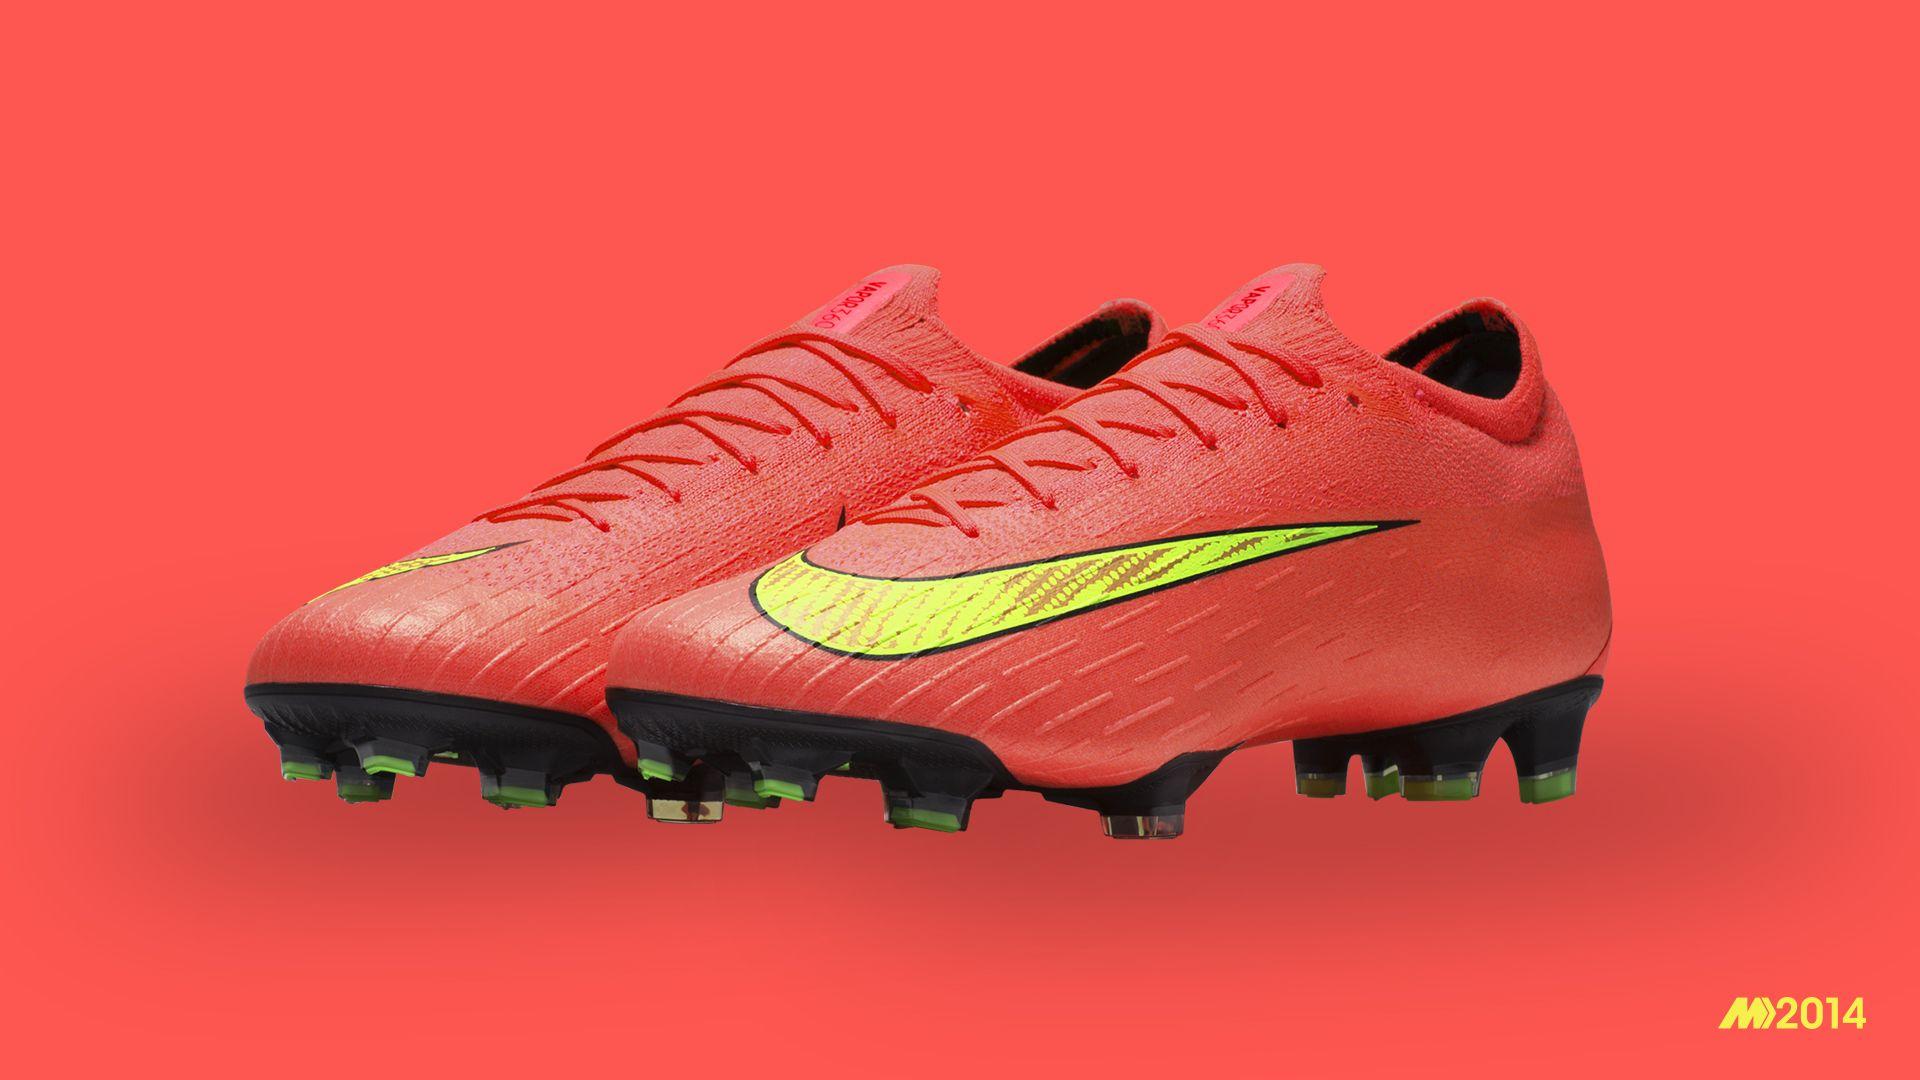 nikeid nike soccer boots traffic school online